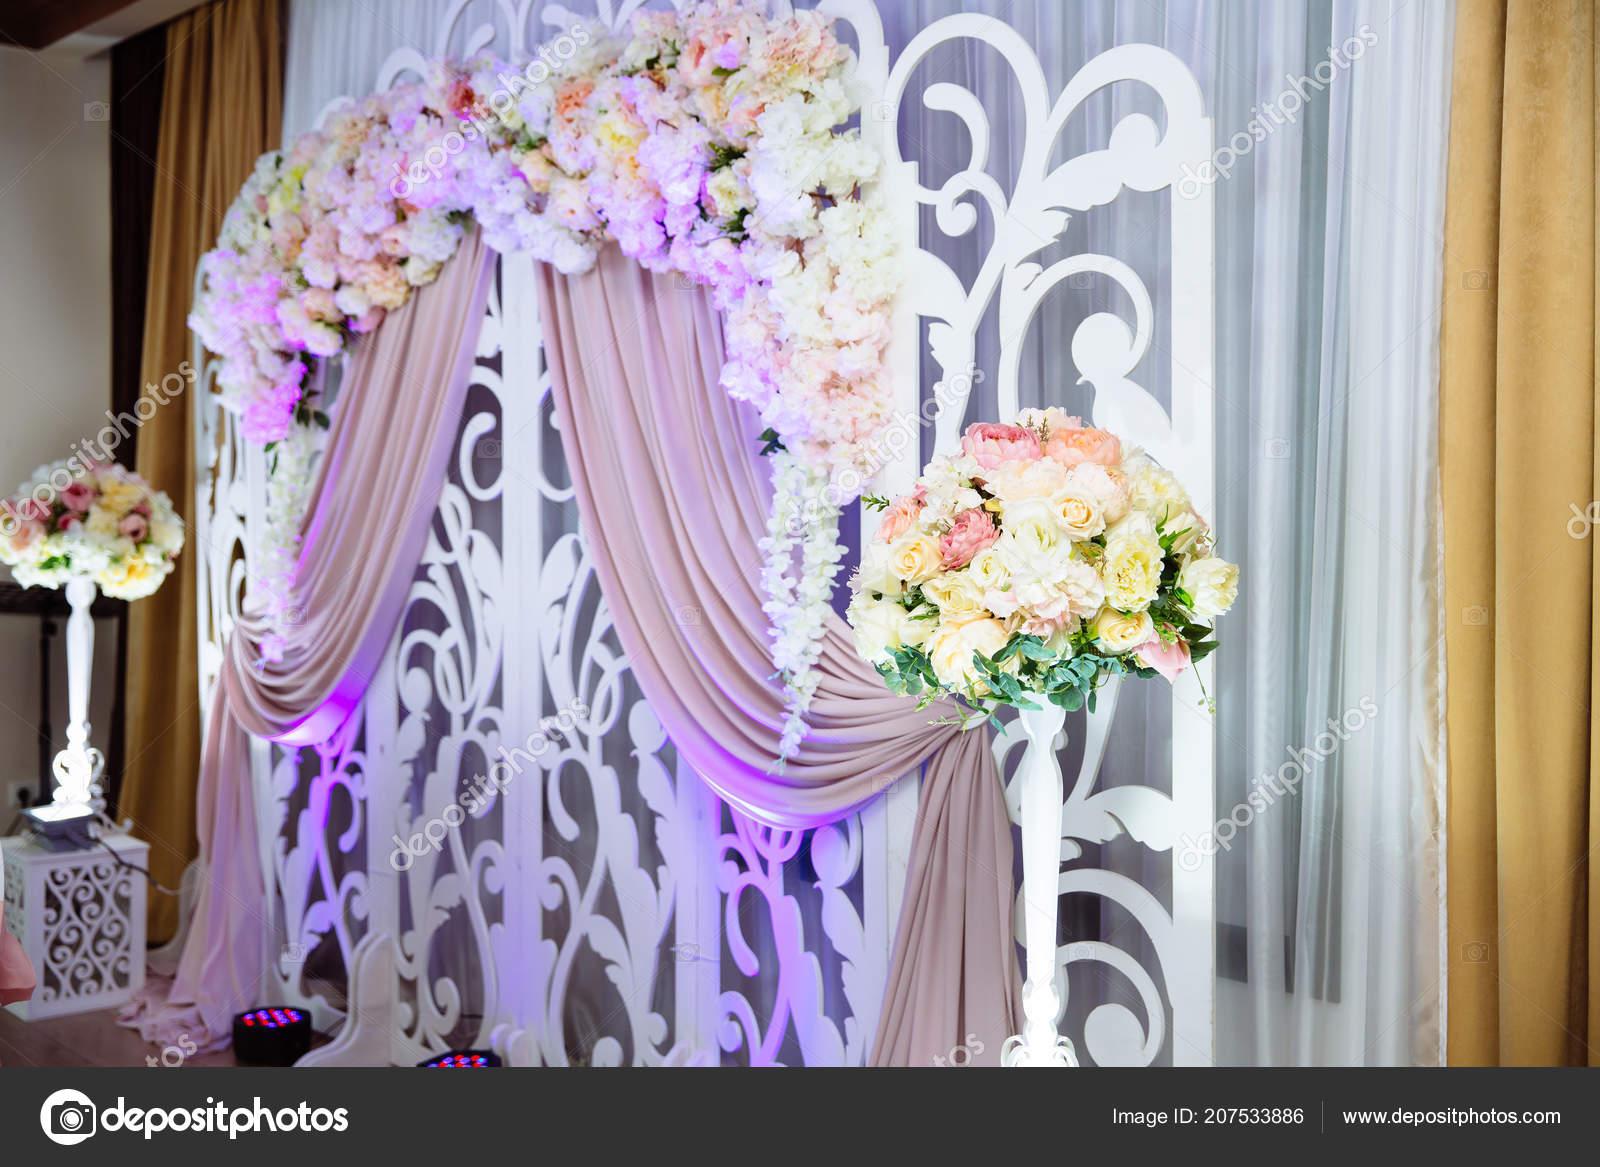 Wedding Decorations Wedding Arch Decoration Ideas For